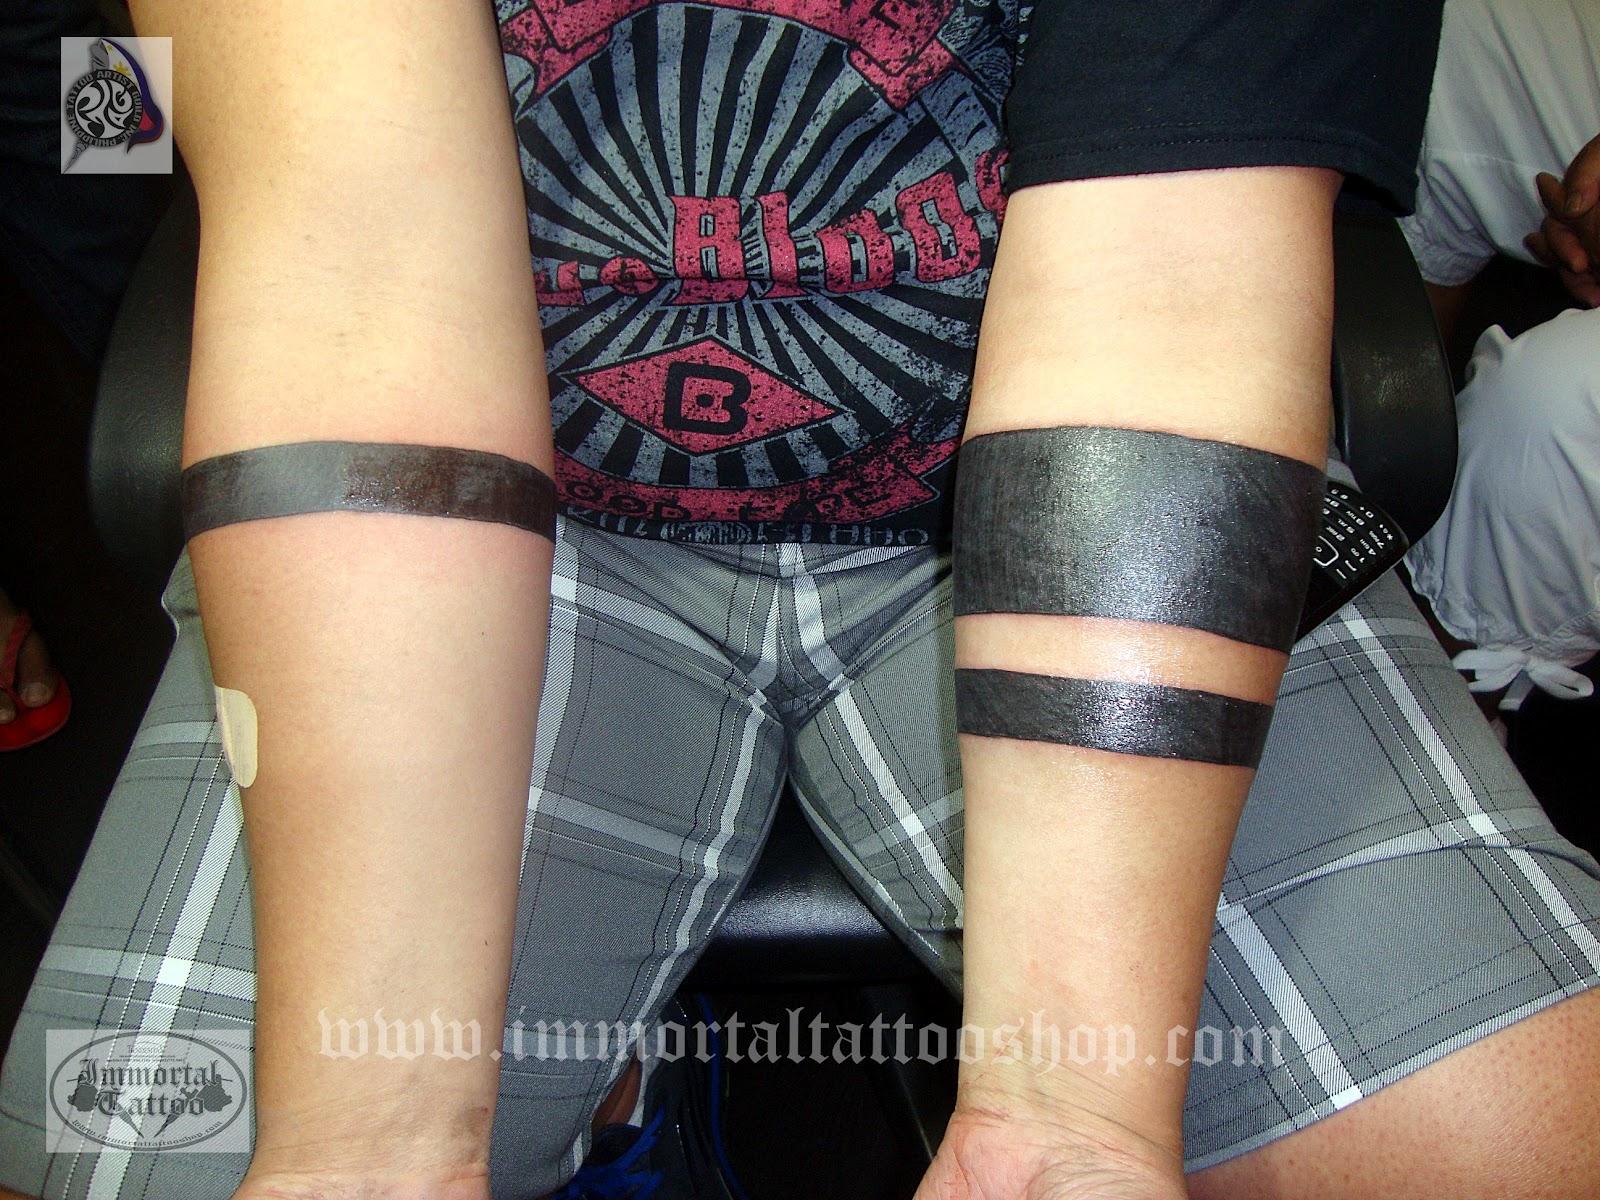 meanings ring tattoo tribal TATTOO/FILIPINO TATTOO FILIPINOTATTOO: BAND ARM